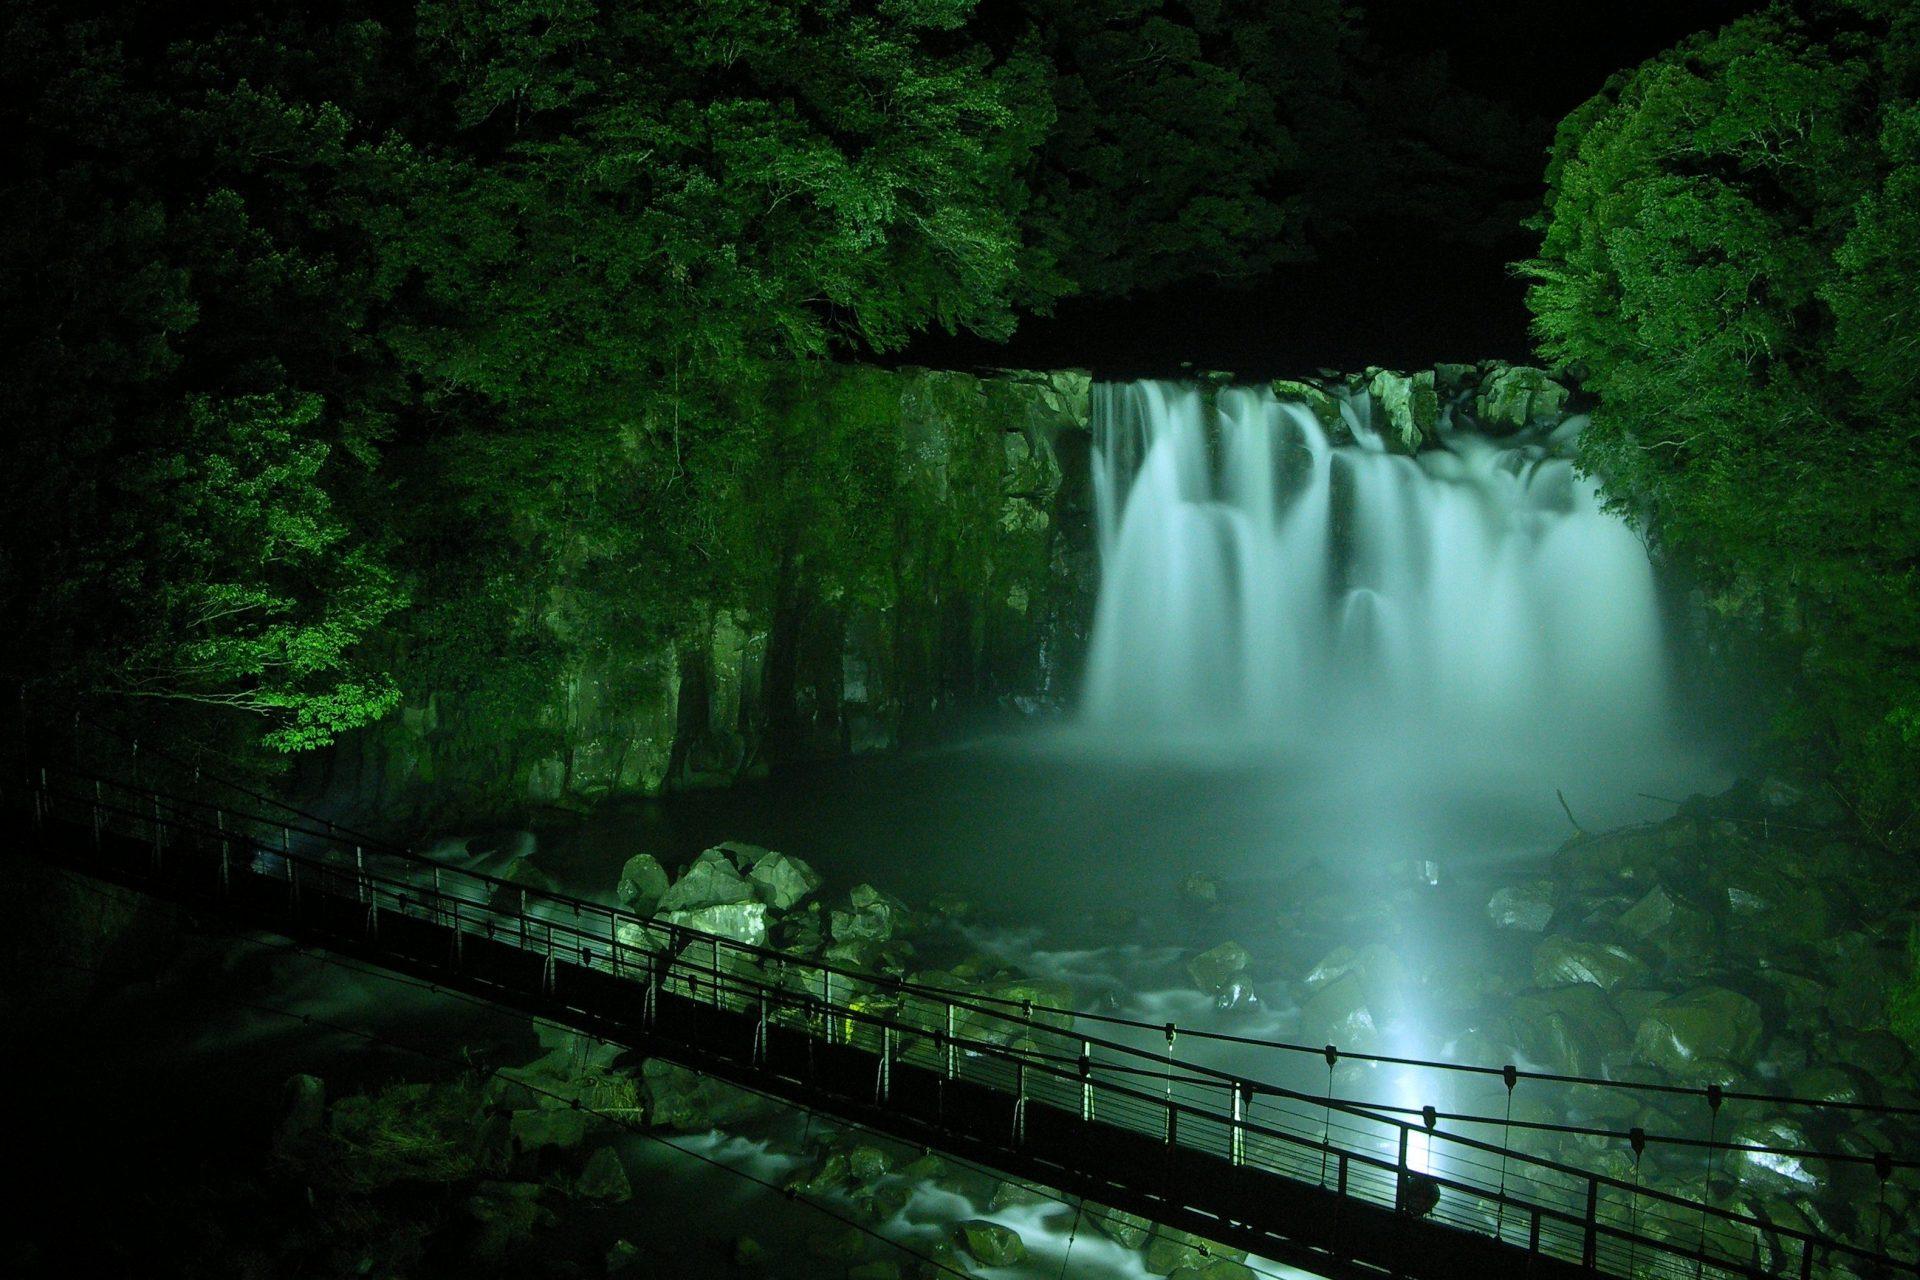 関之尾滝 都城市 宮崎 絶景 スポット 九州 旅行 観光 自然 おすすめ